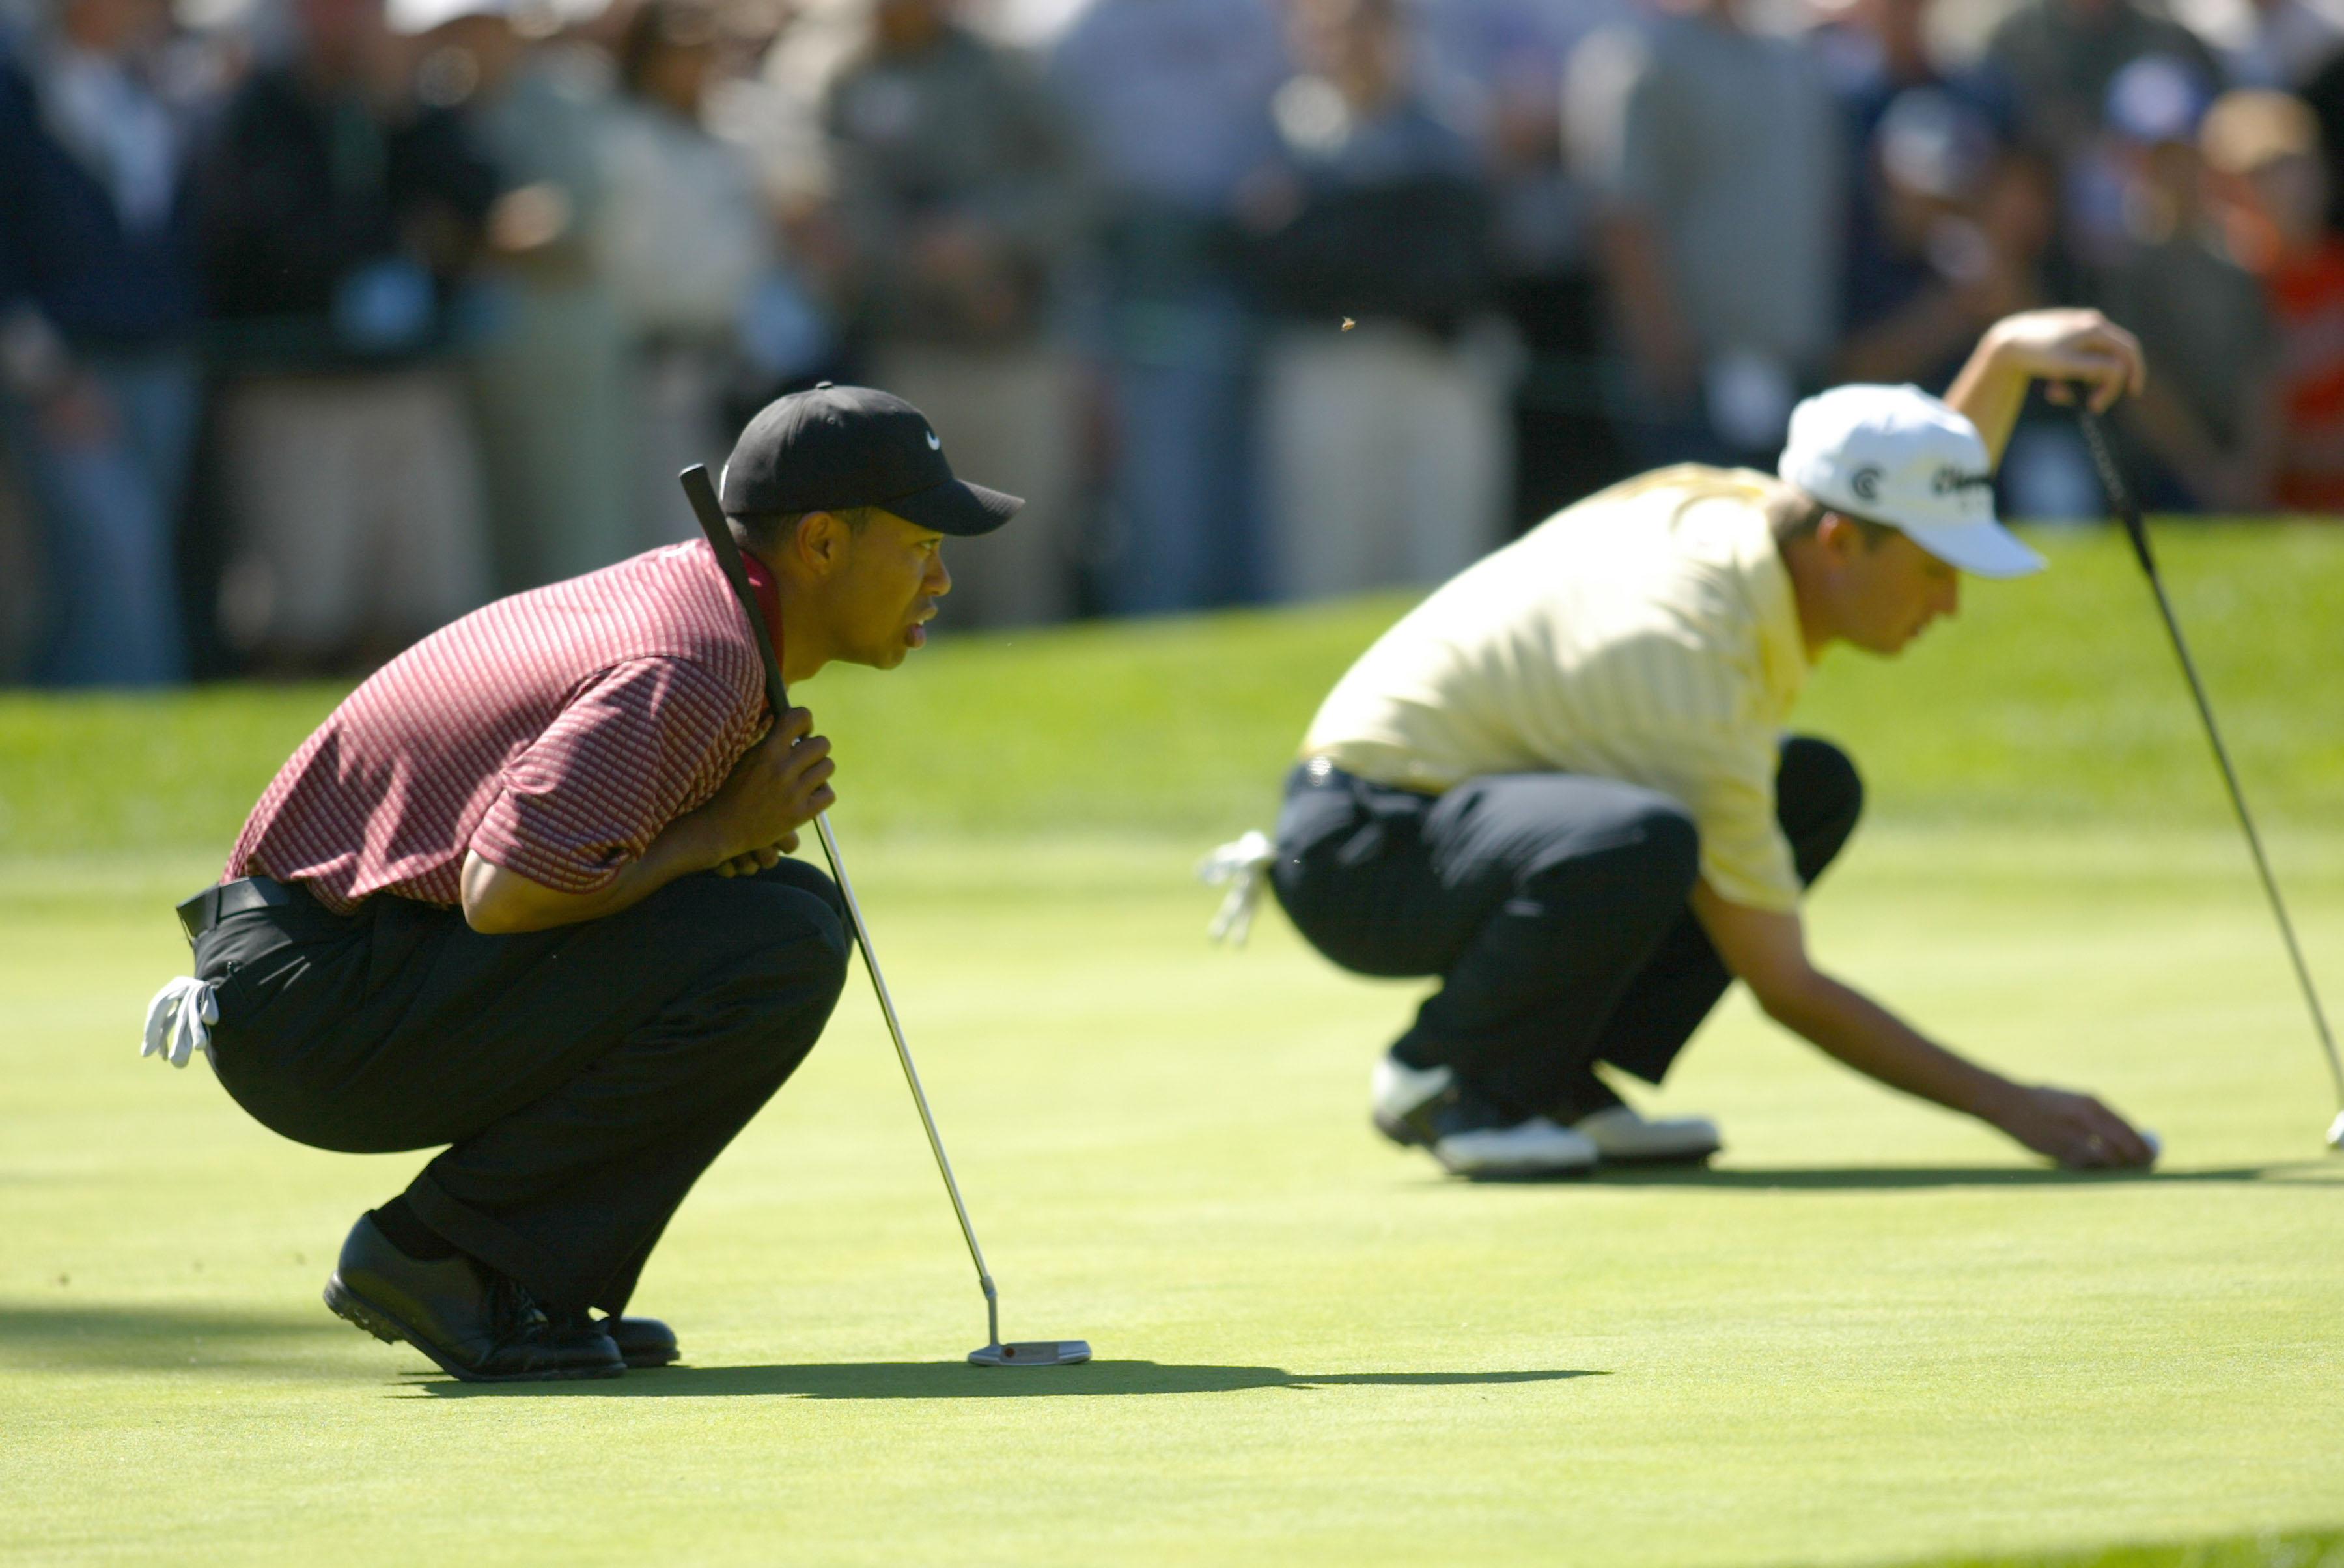 3. 2003: Woods breaks through